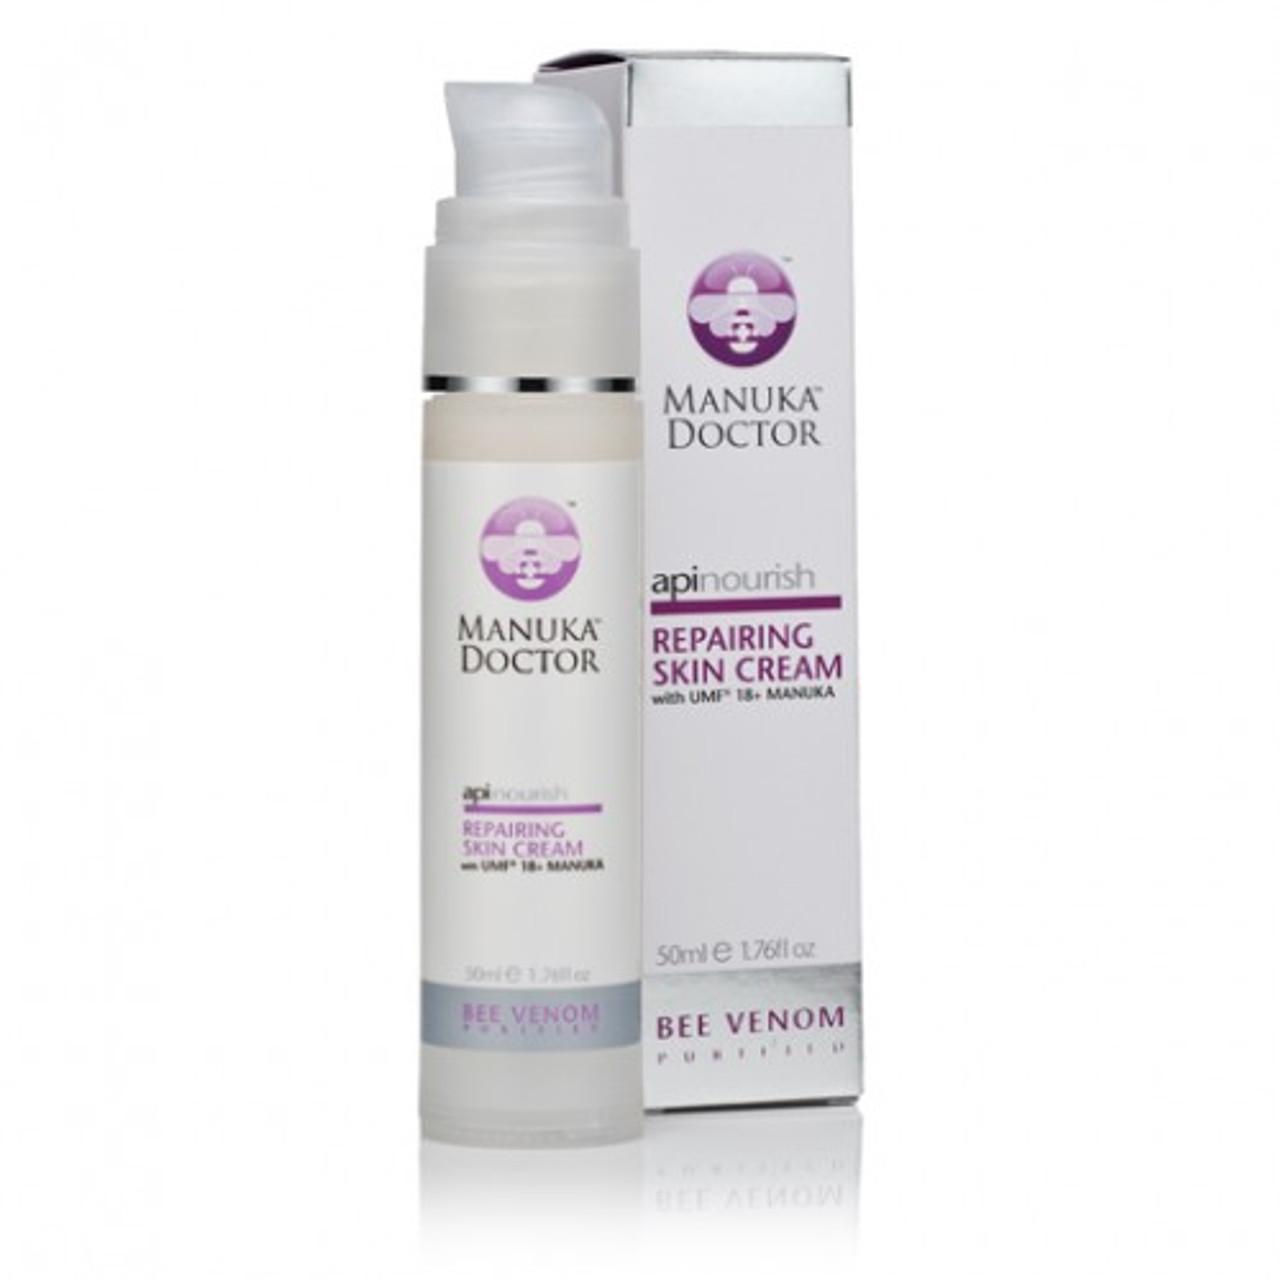 ApiNourish Repairing Skin Cream 50ml Manuka Doctor